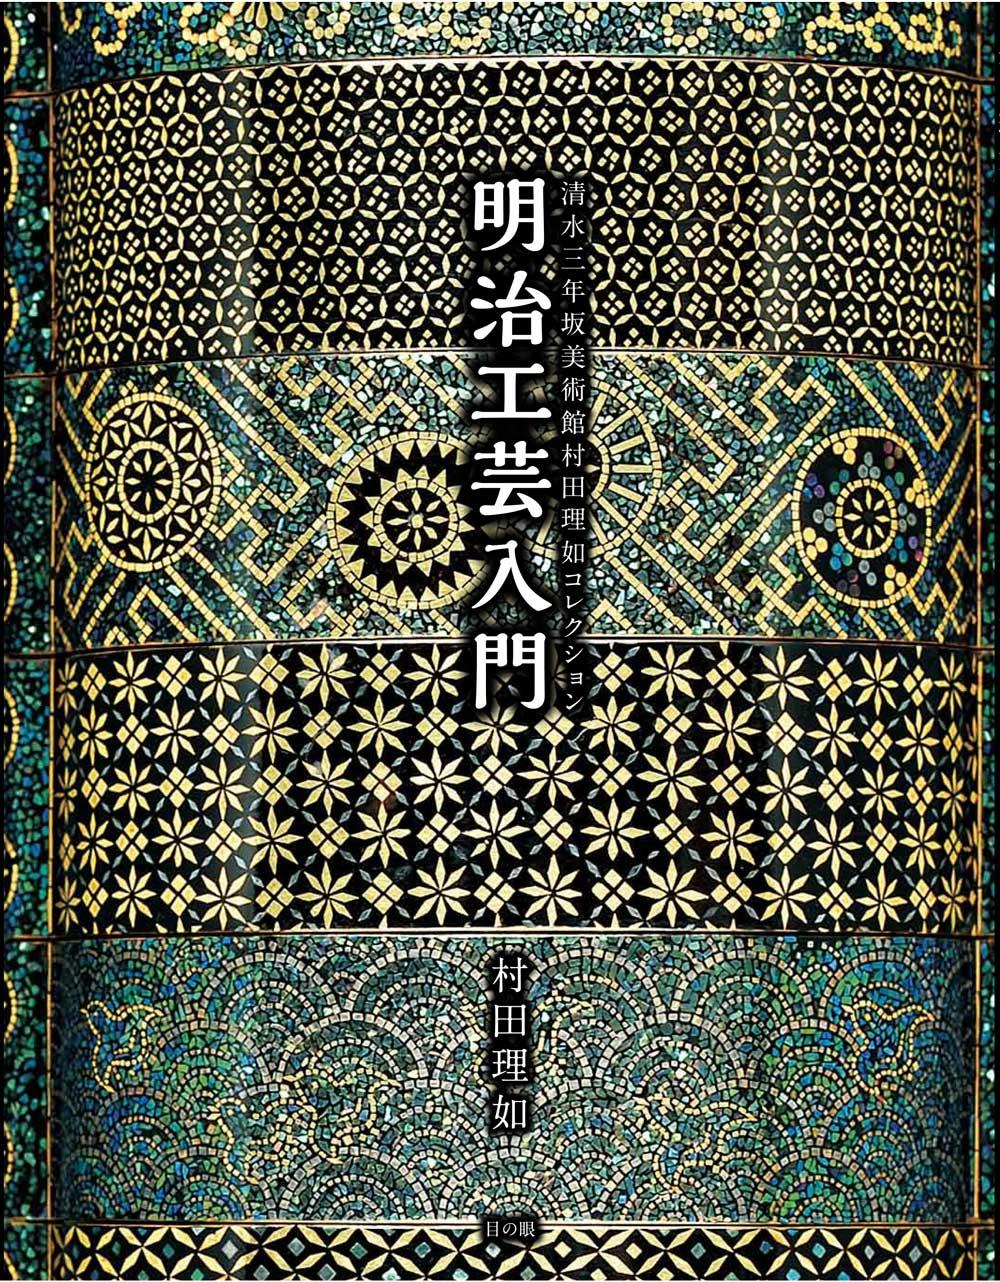 清水三年坂美術館村田理如コレクション 明治工芸入門